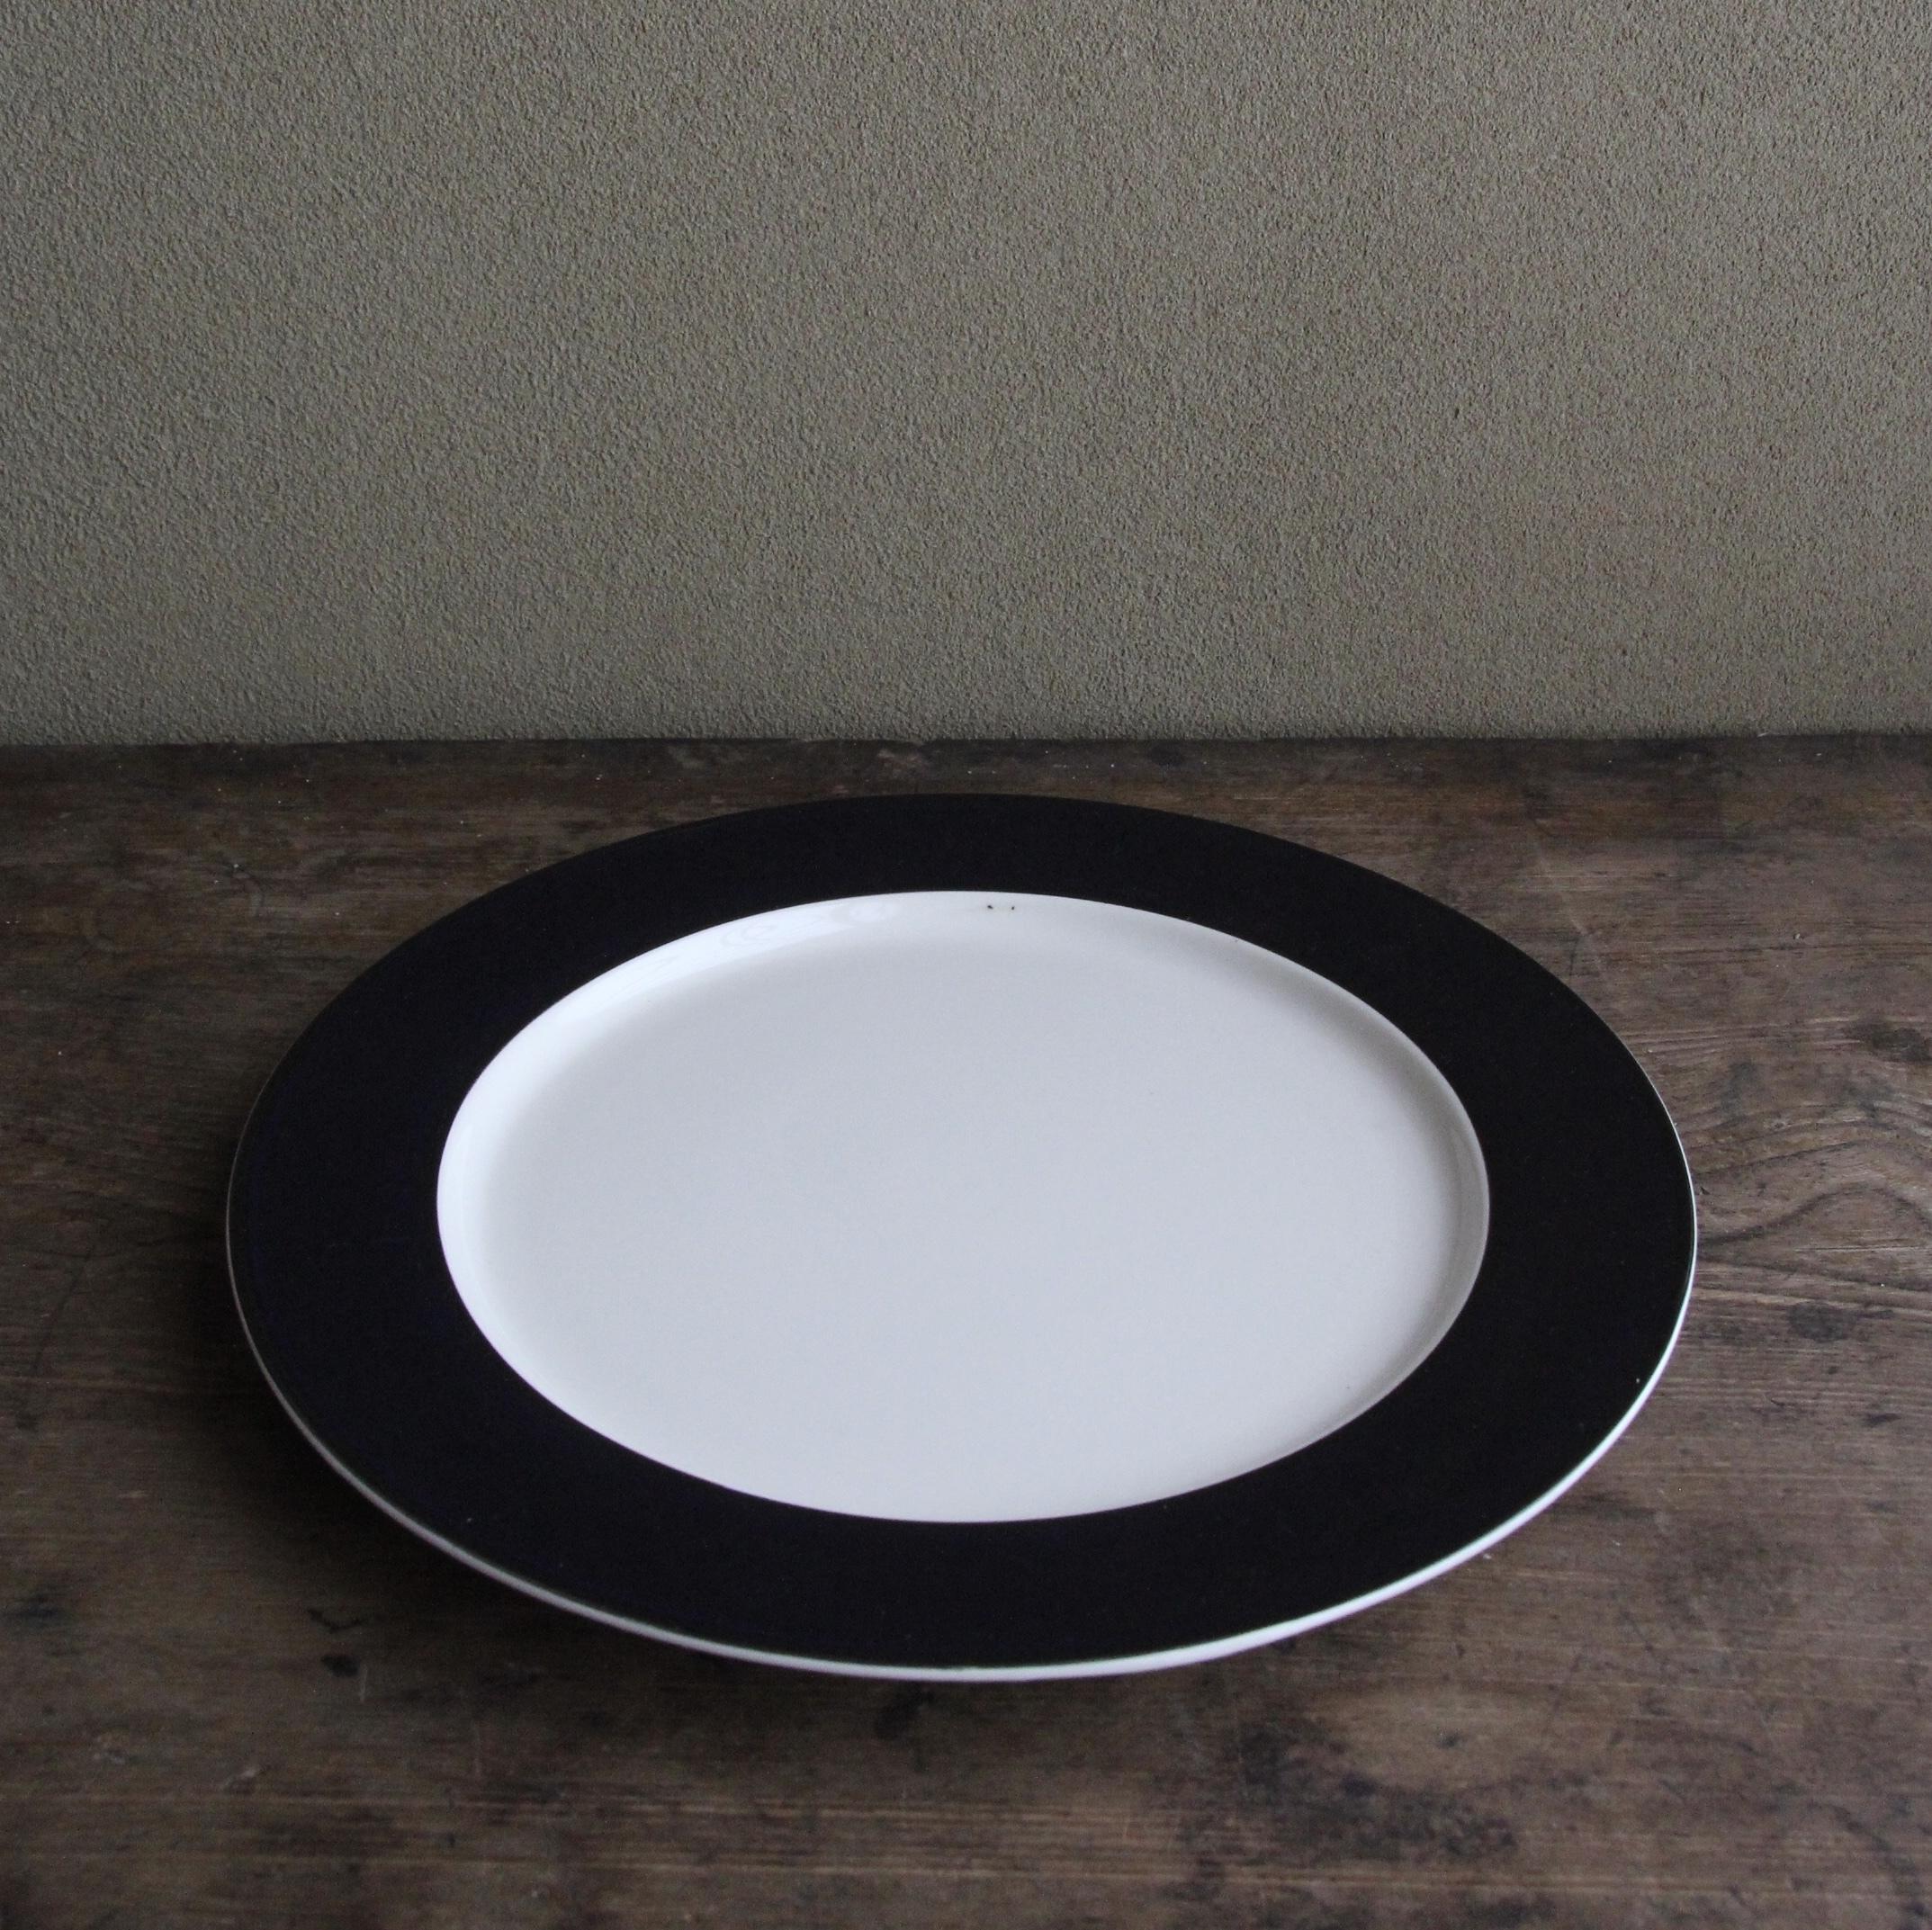 whole homeの濃紺色ストーンウェア ディナー皿 在庫3枚